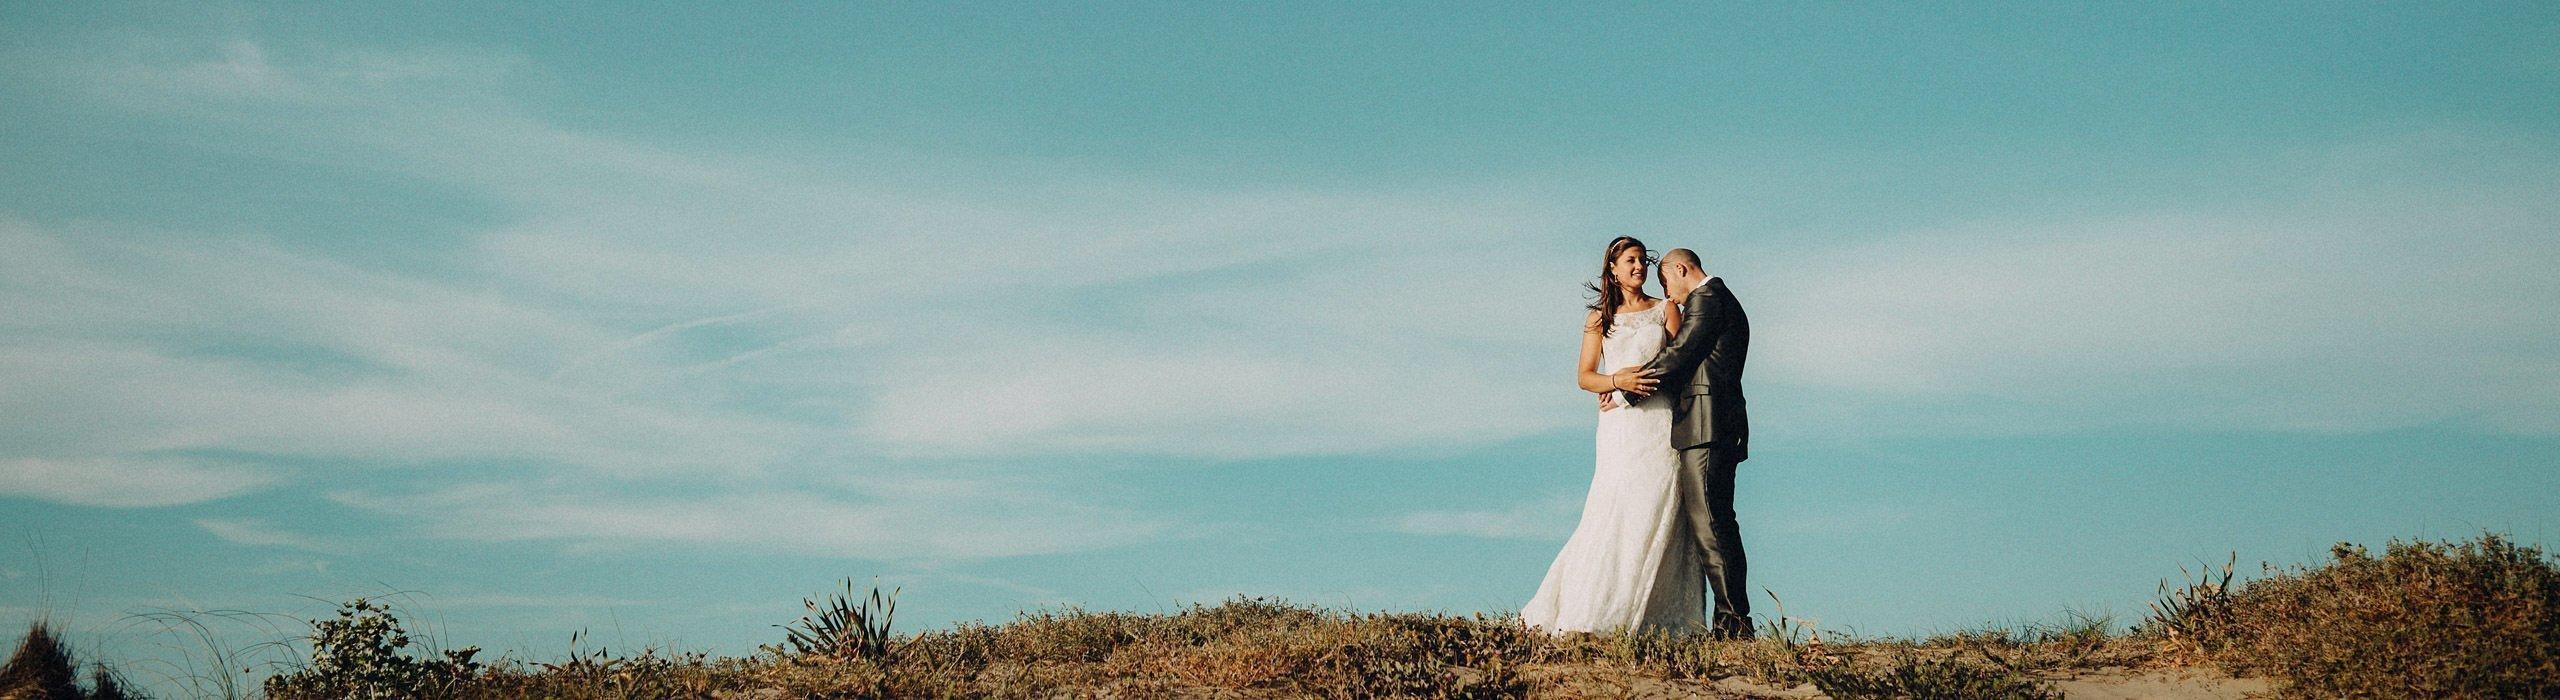 parallax pedro talens fotógrafo de bodas